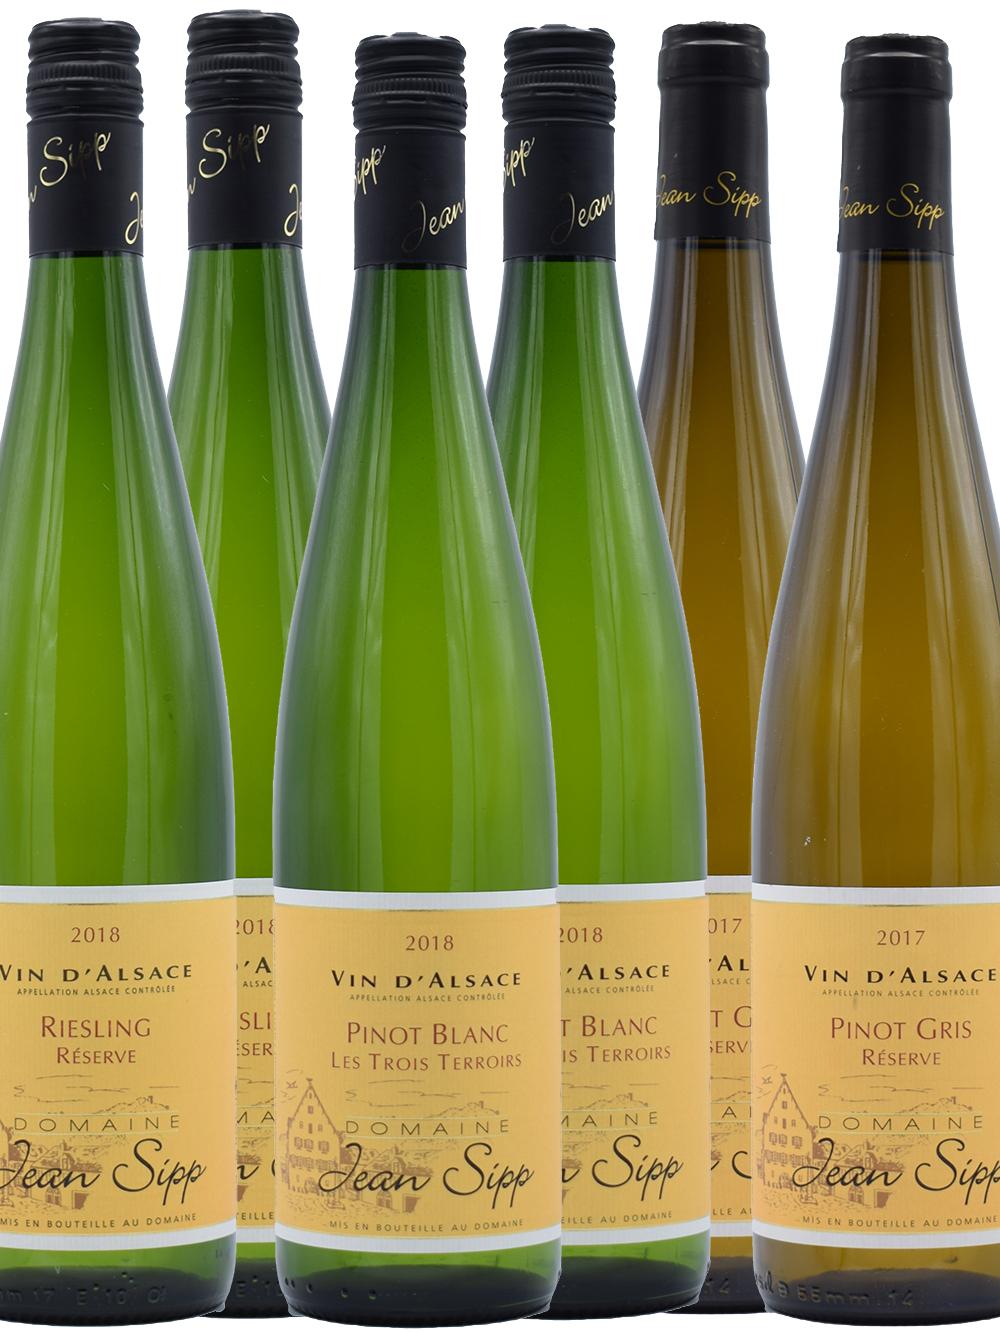 Ontdek de wijnen van Jean Sipp